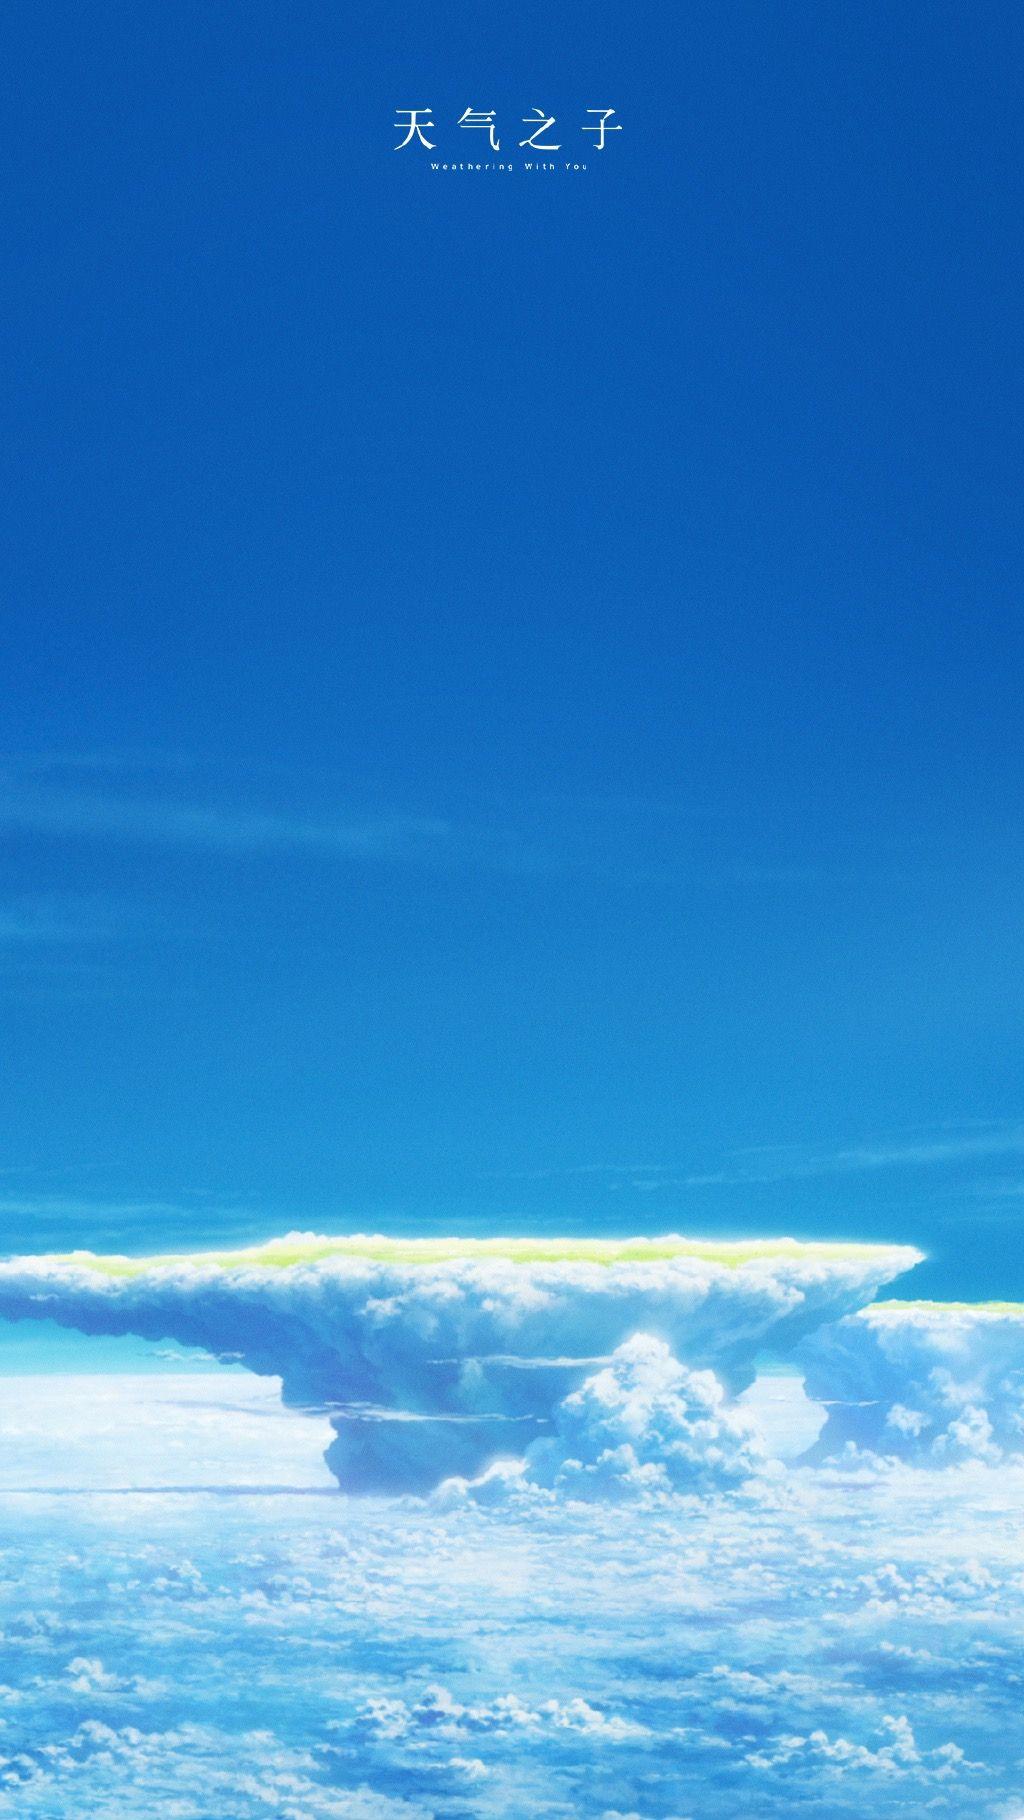 Weathering With You Wallpaper Pemandangan Anime Pemandangan Fotografi Alam